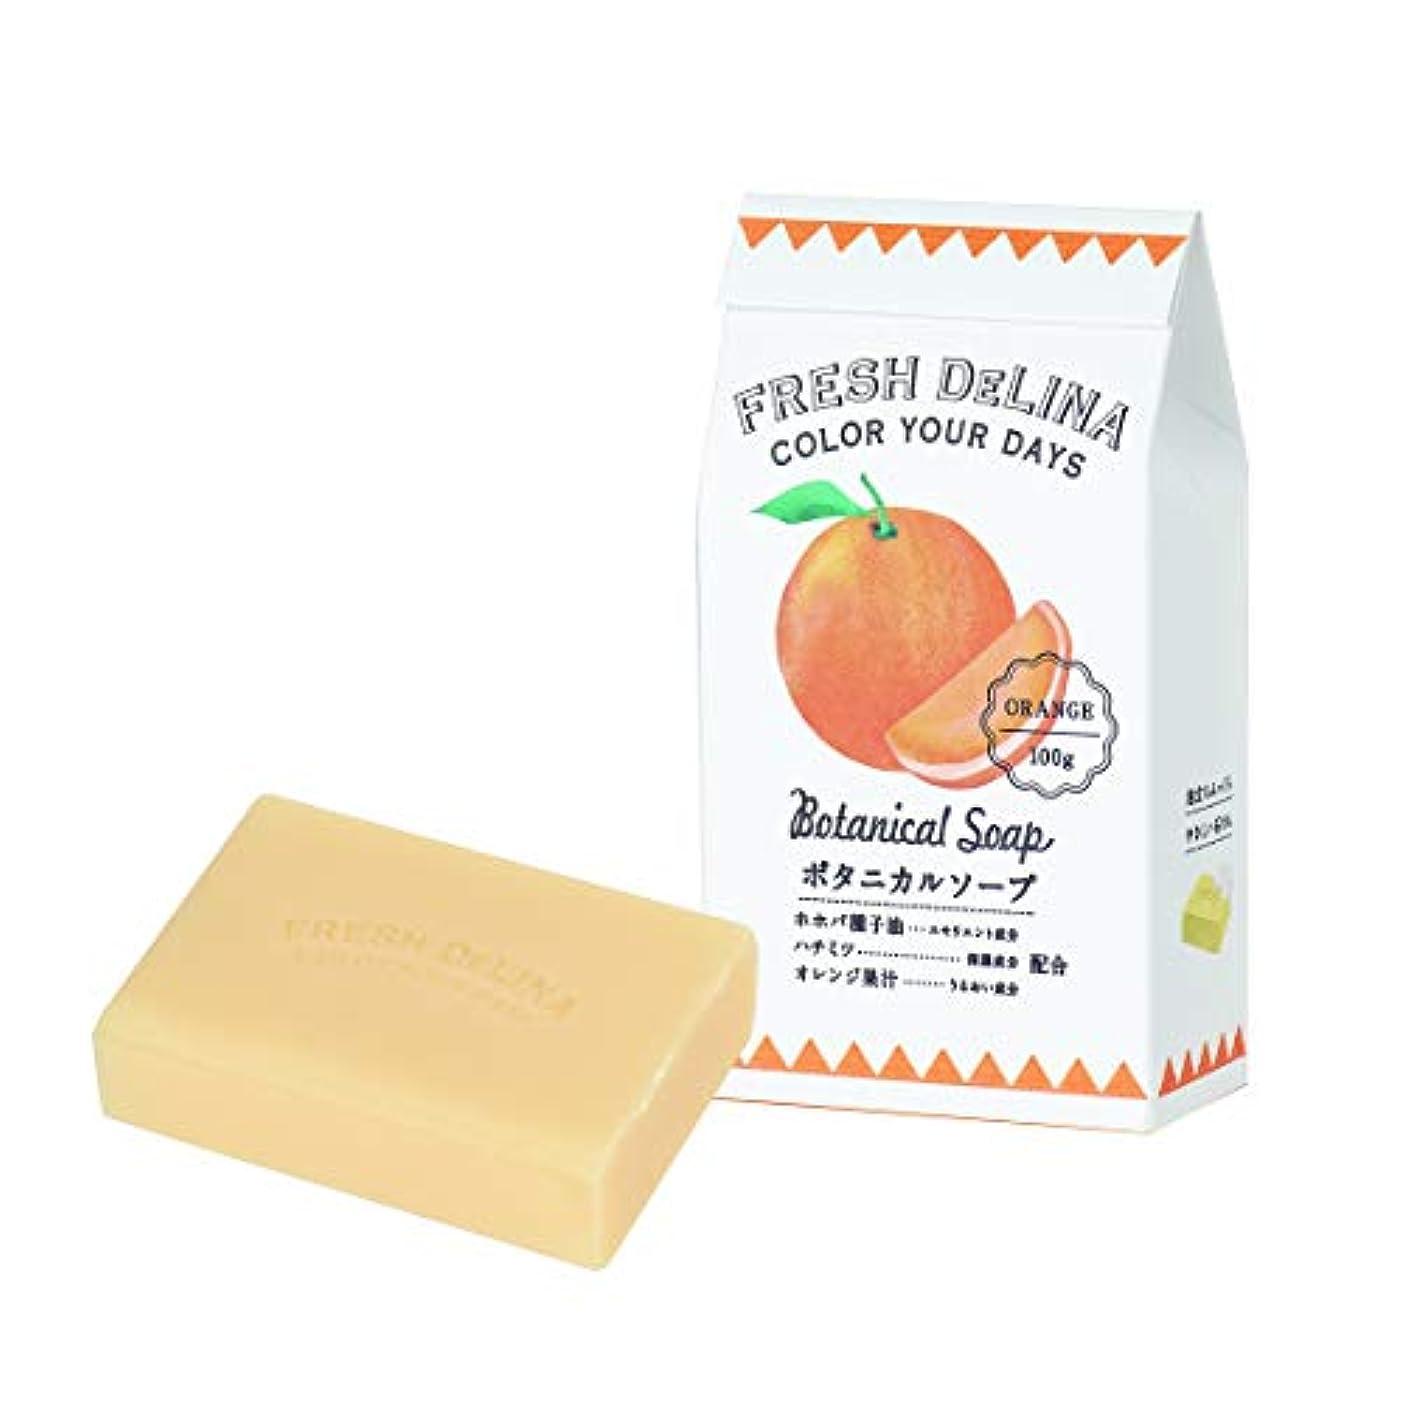 蒸気抵抗債権者フレッシュデリーナ ボタニカルソープ オレンジ 100g